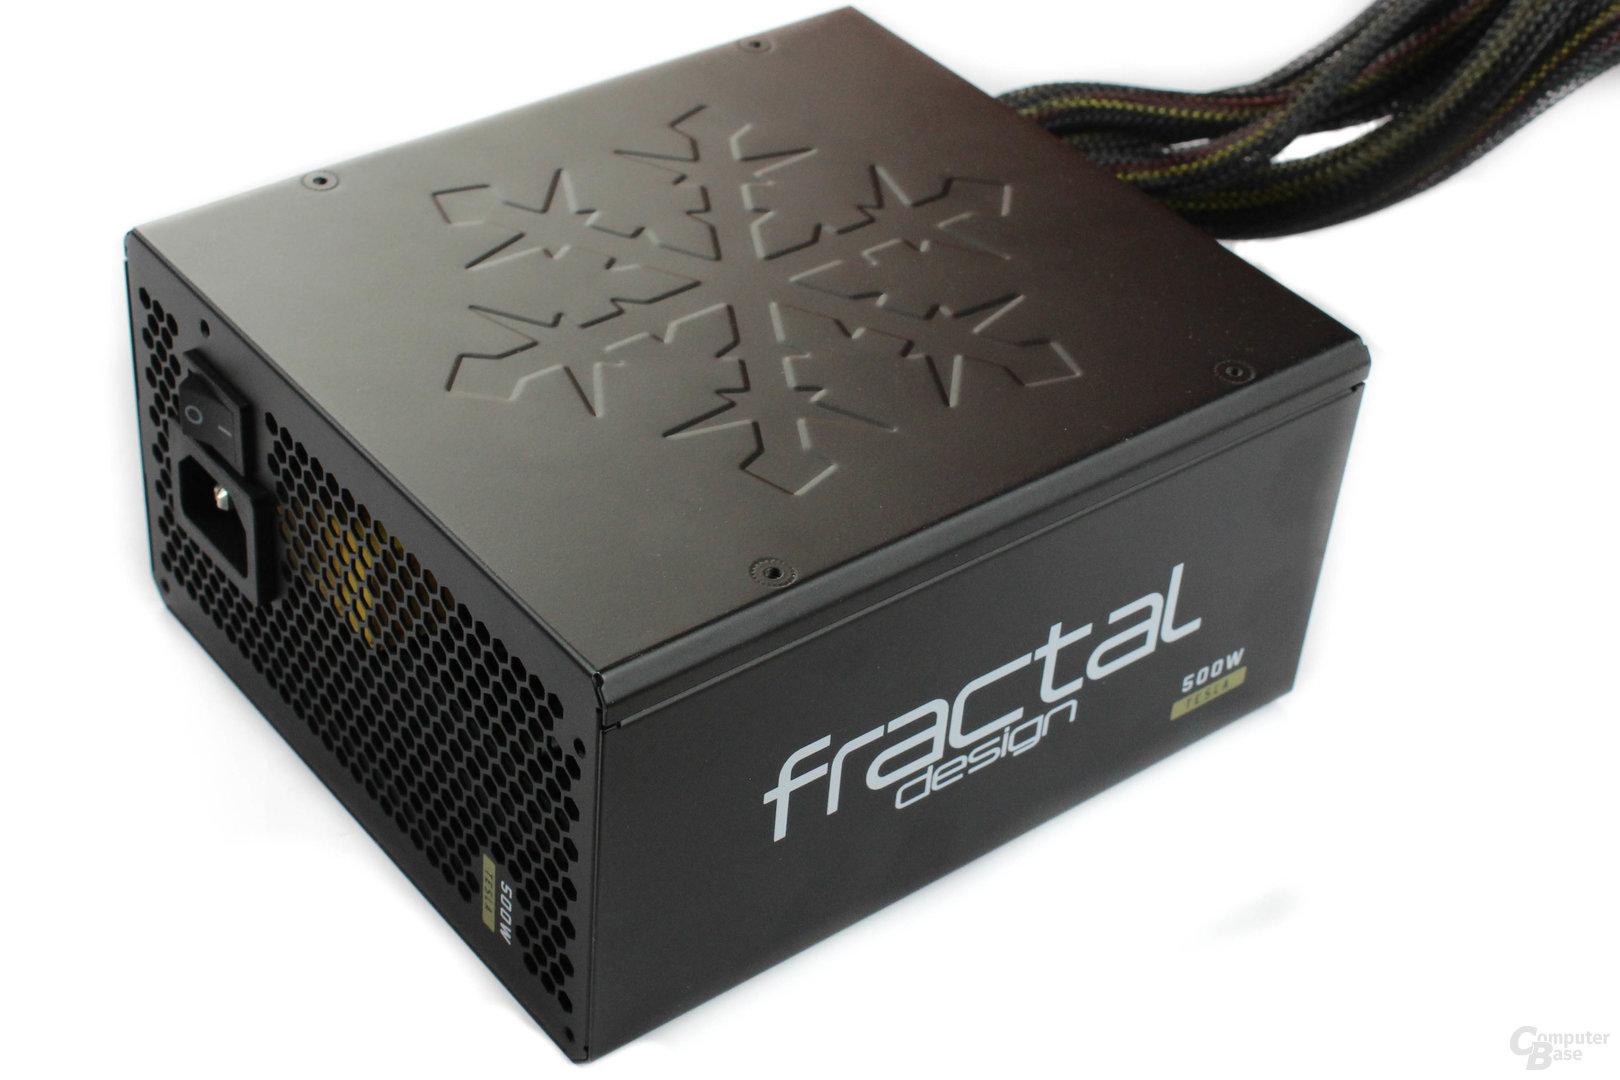 Fractal Design Tesla R2